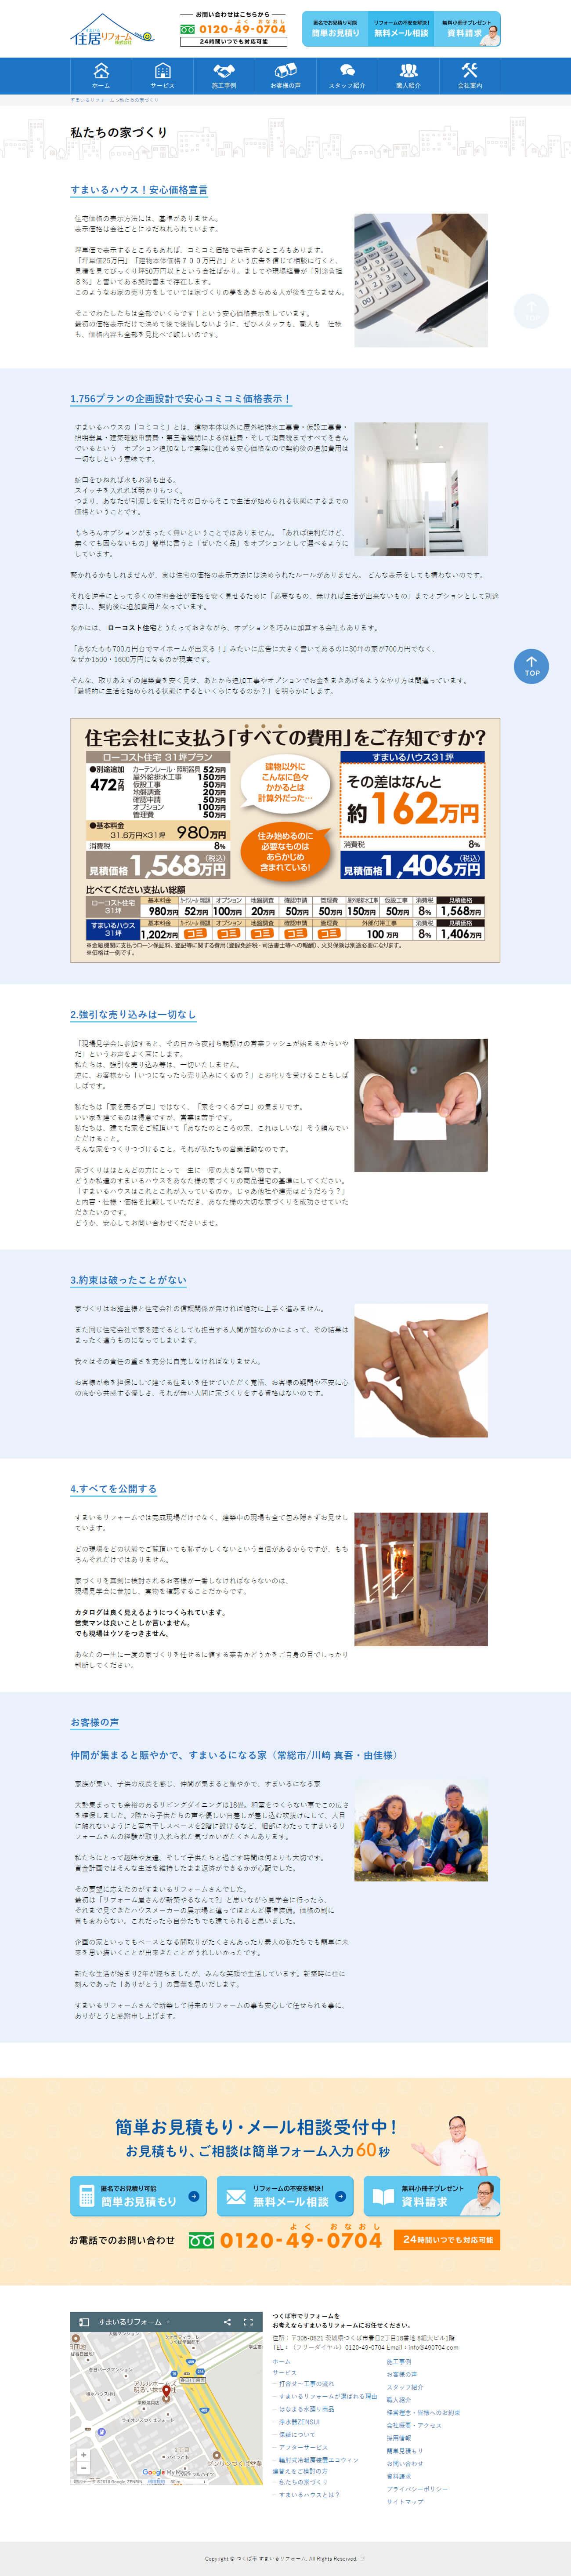 茨城県 すまいるリフォーム株式会社様 ホームページ制作2